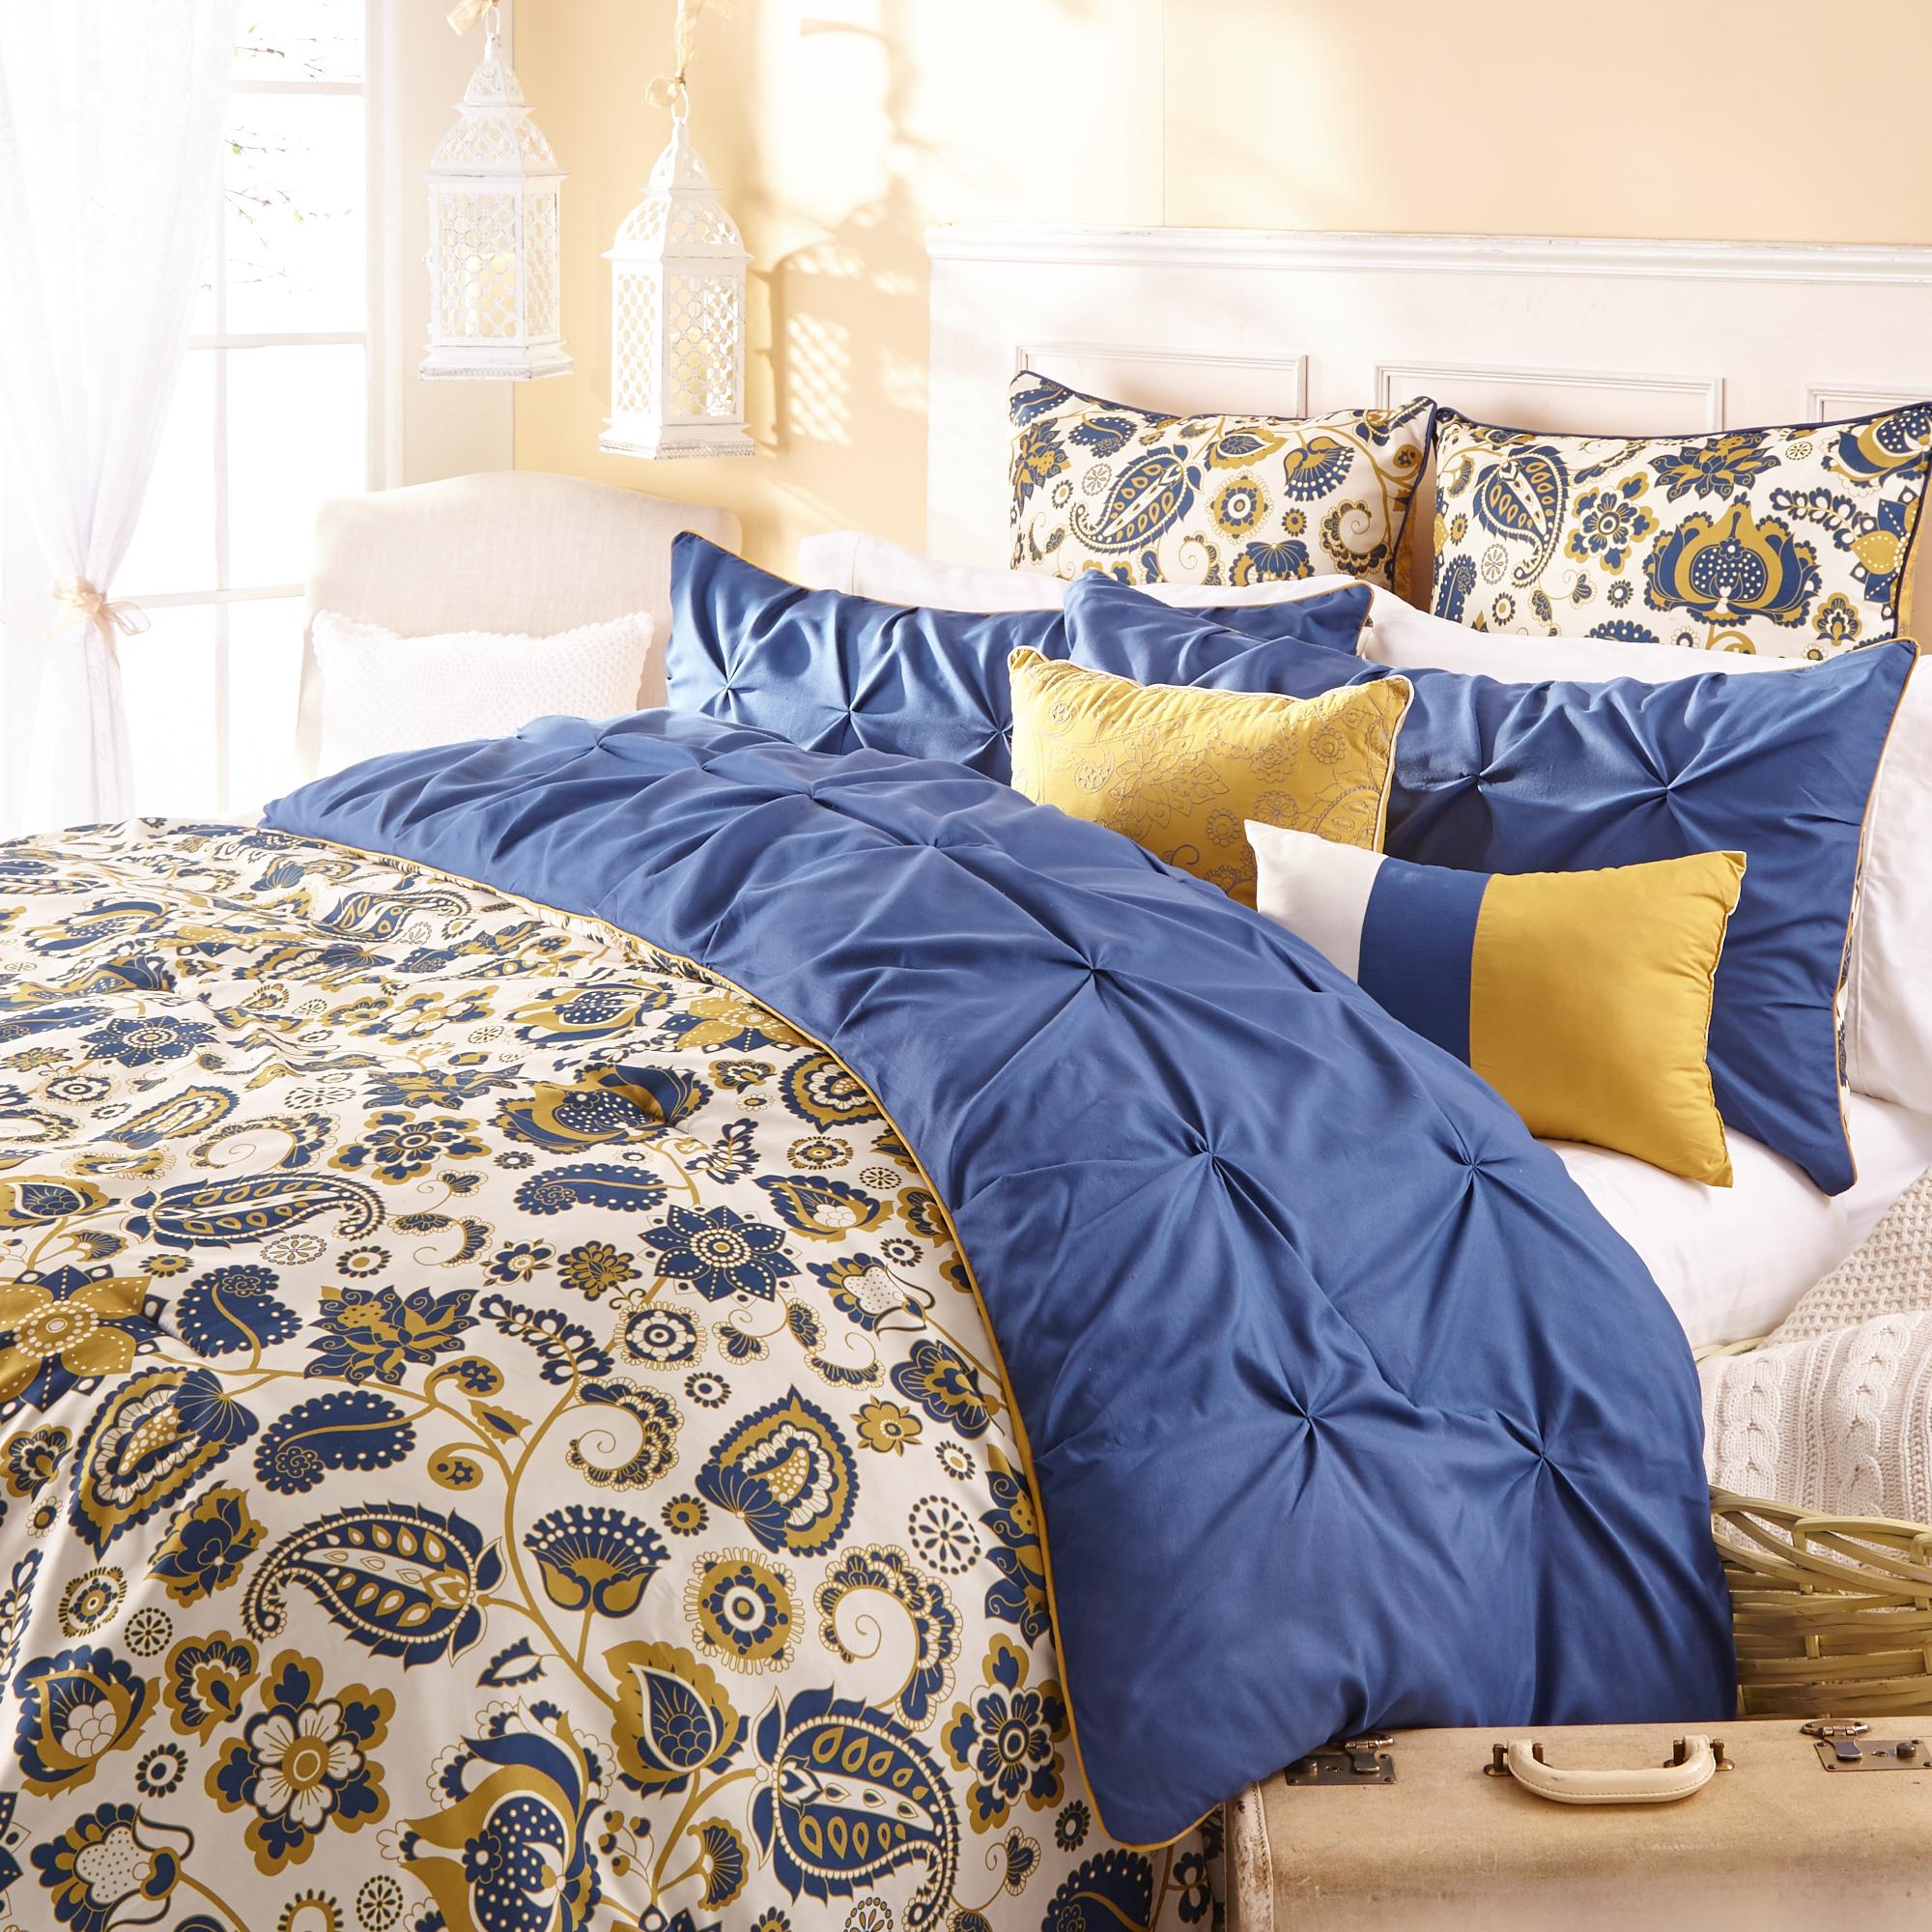 130626_ComfortersDuvets_0519_ED_996.jpg